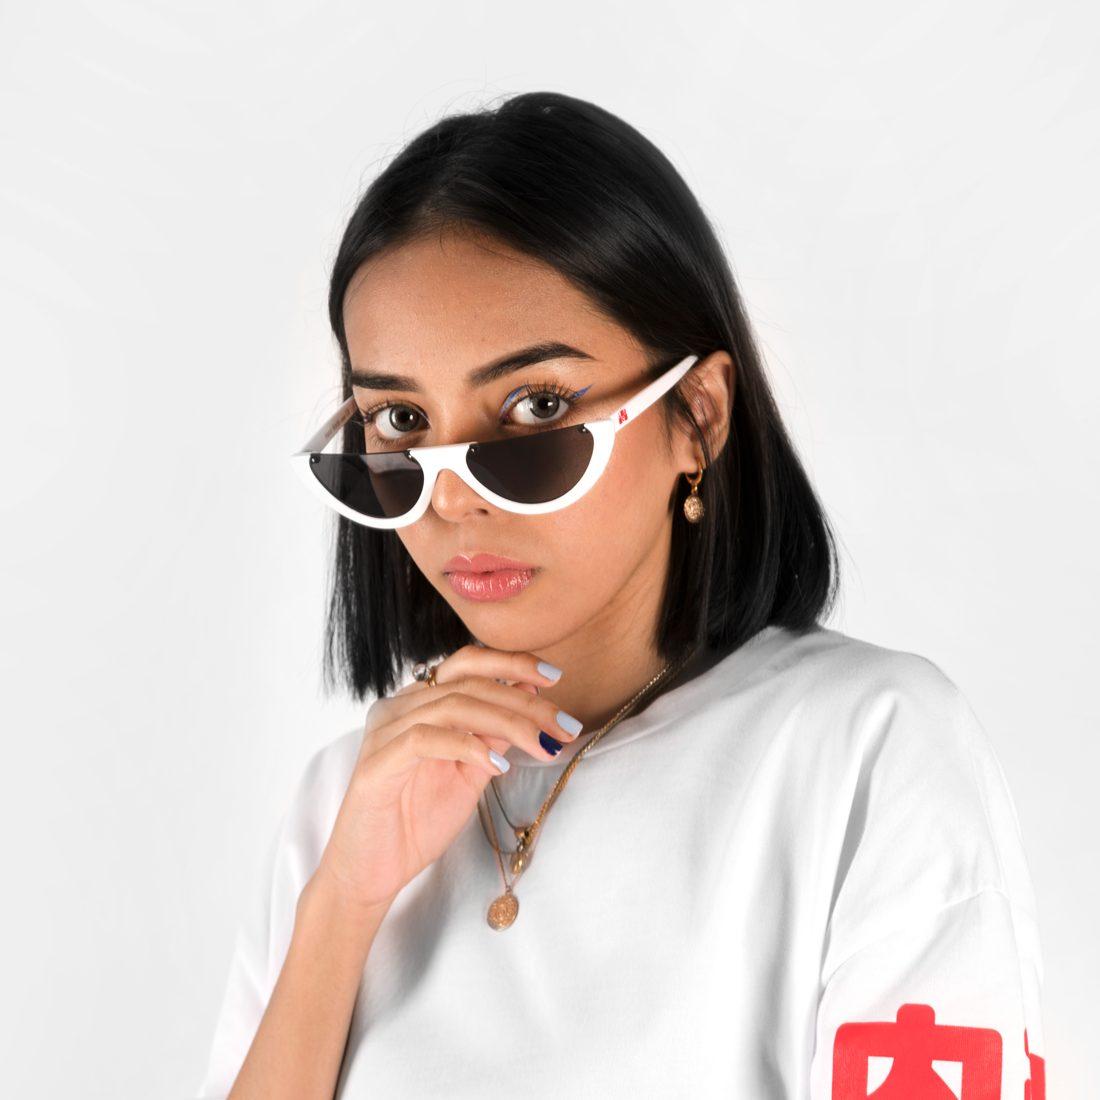 W_whiteglasses